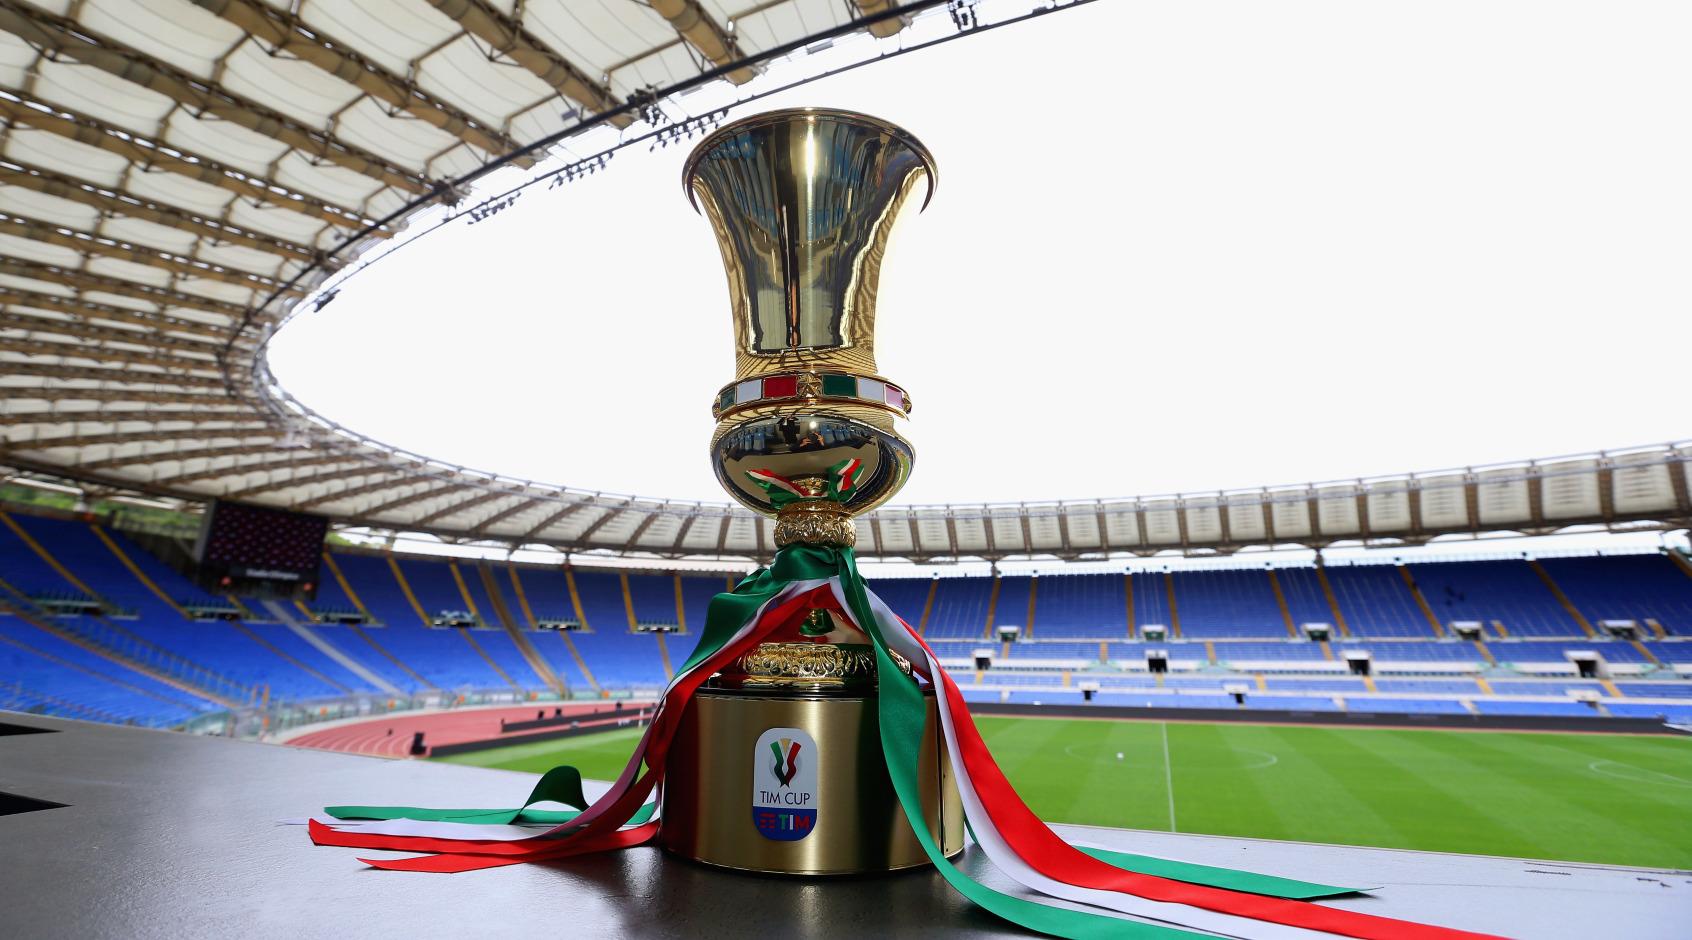 Еще один турнир для богатых? В Кубке Италии сыграют только клубы Серии А и Серии В